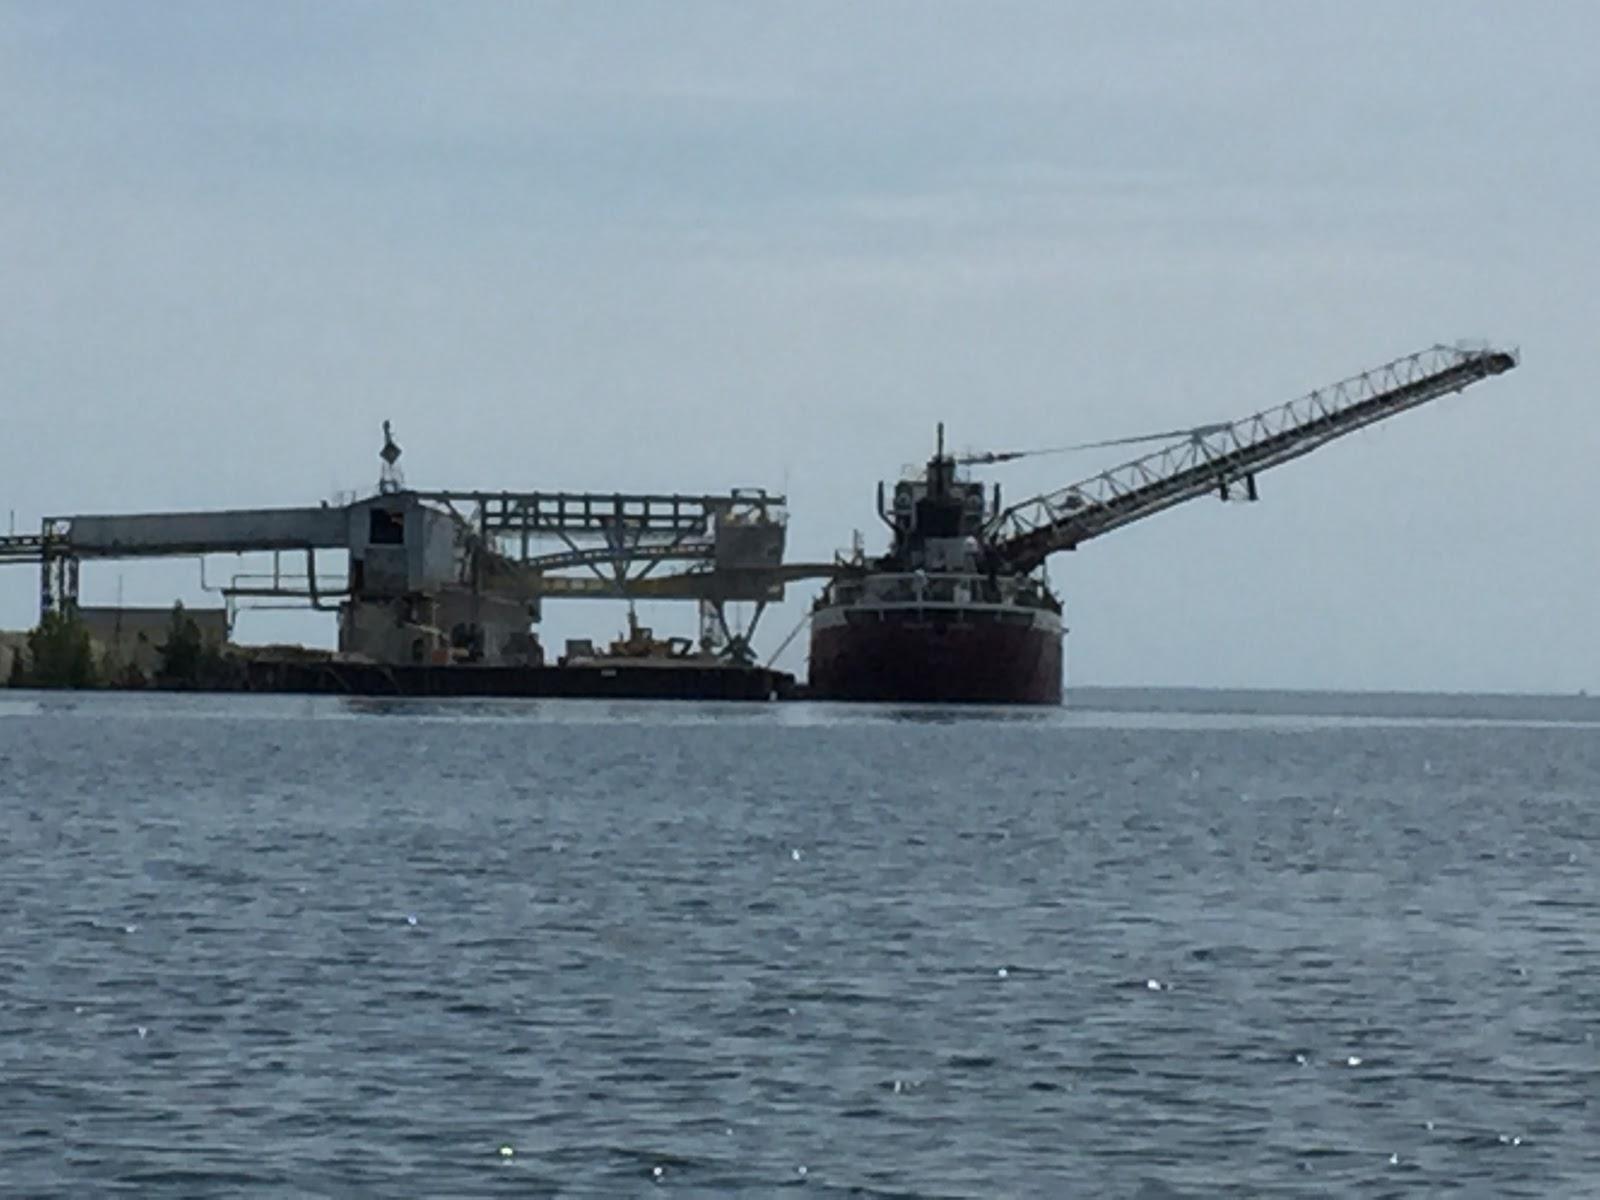 Herring fishing in michigan 39 s upper peninsula 39 s waterways for Fishing in michigan